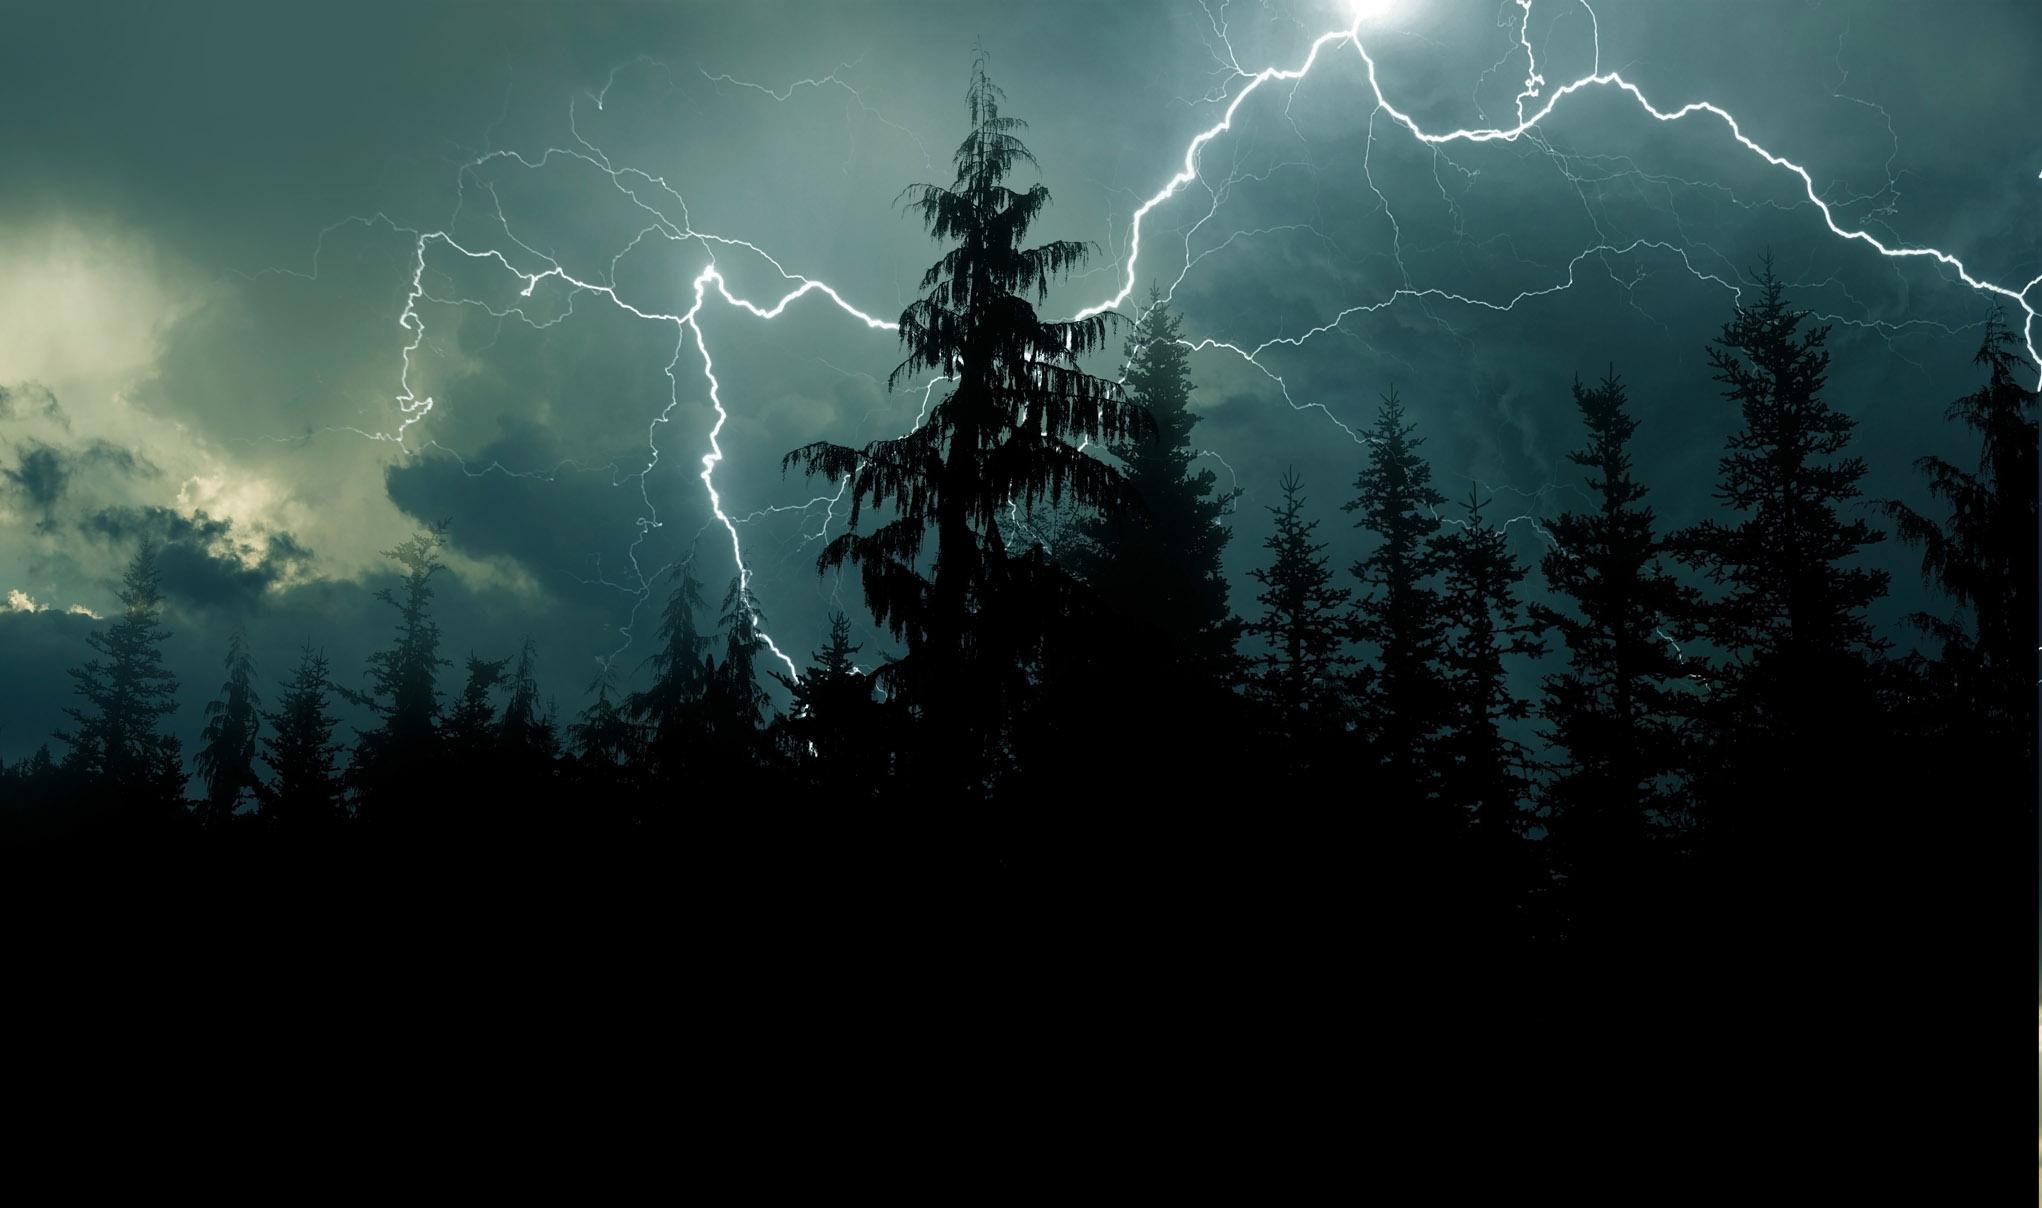 Pogoda Kolbuszowa. Nadciągają burze. Wydano alert drugiego stopnia  - Zdjęcie główne